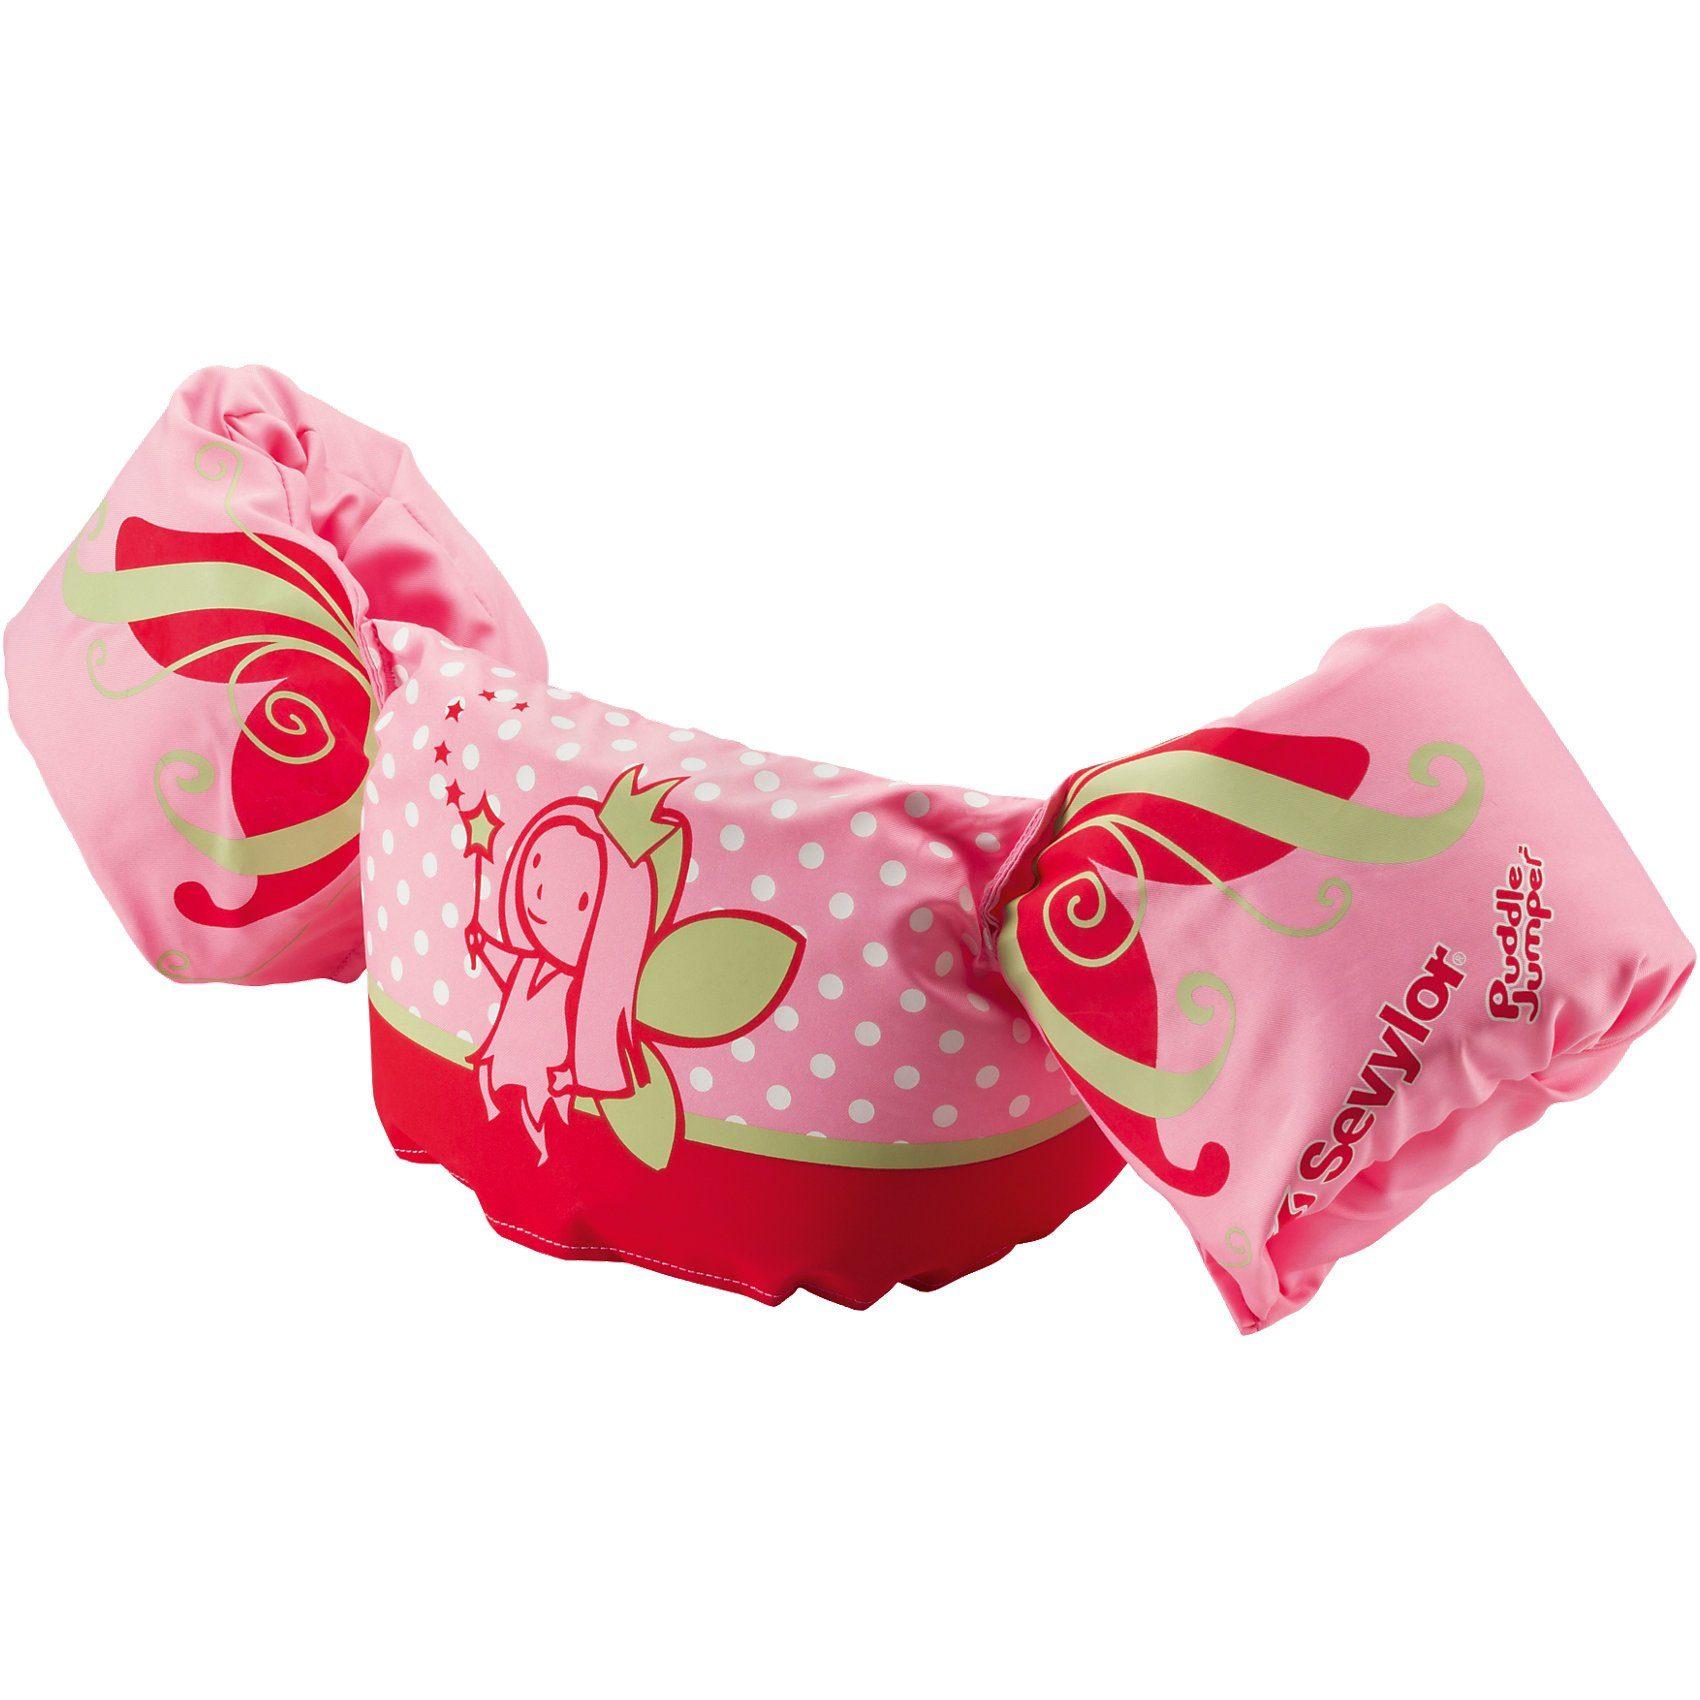 SEVYLOR Schwimmhilfe Puddle Jumper Elfe, rosa